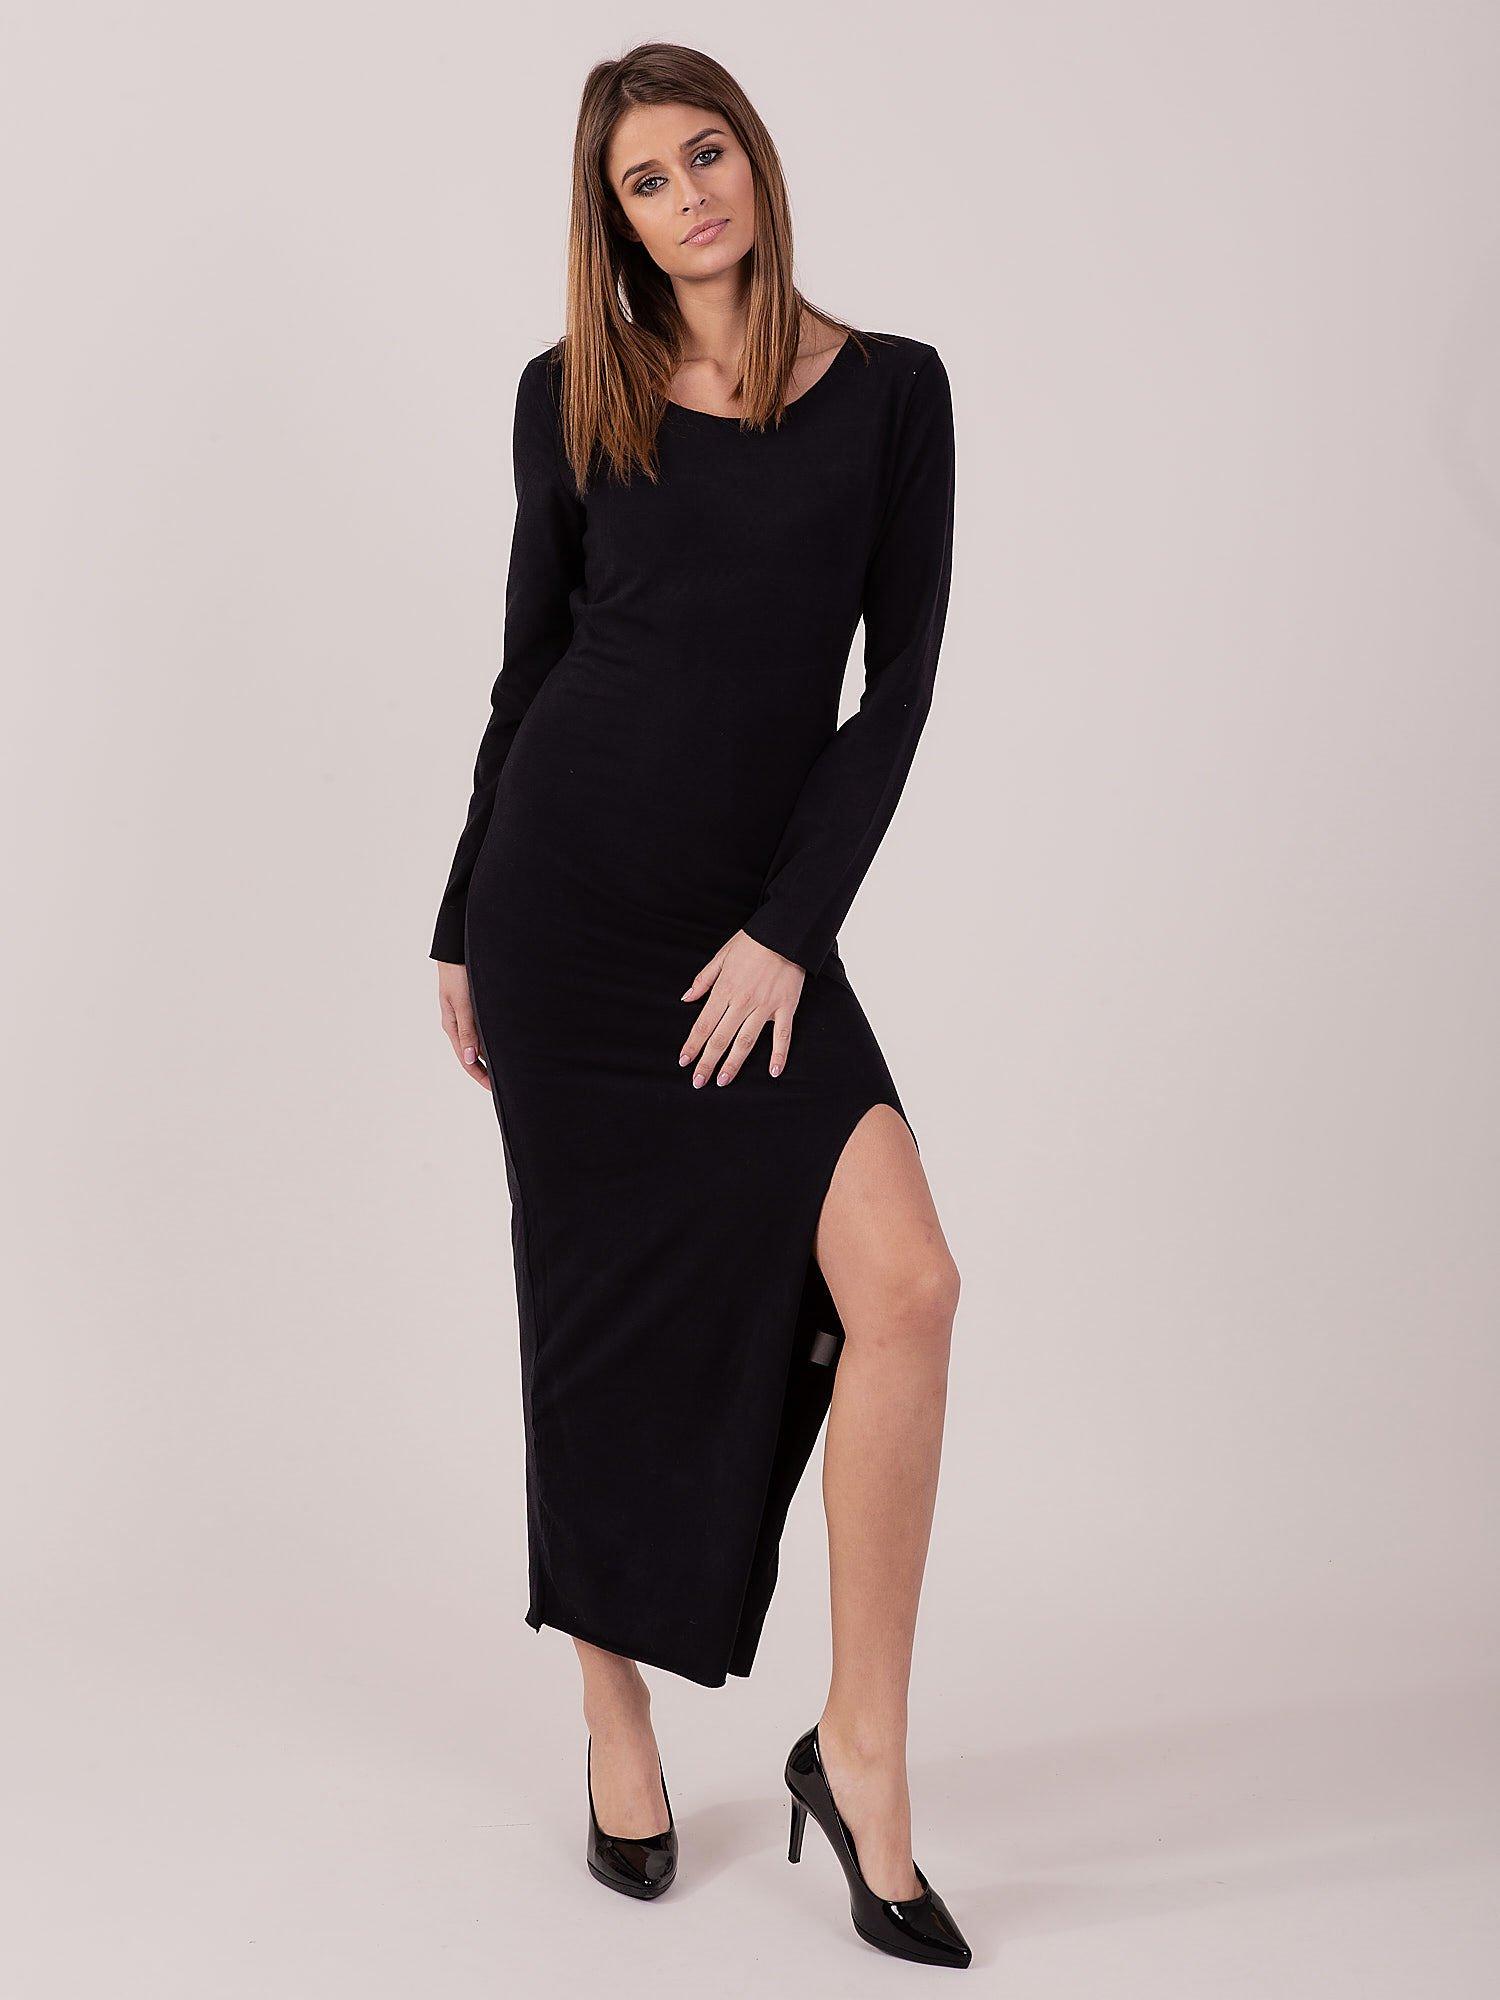 85425b1e Sukienka czarna maxi z rozcięciem